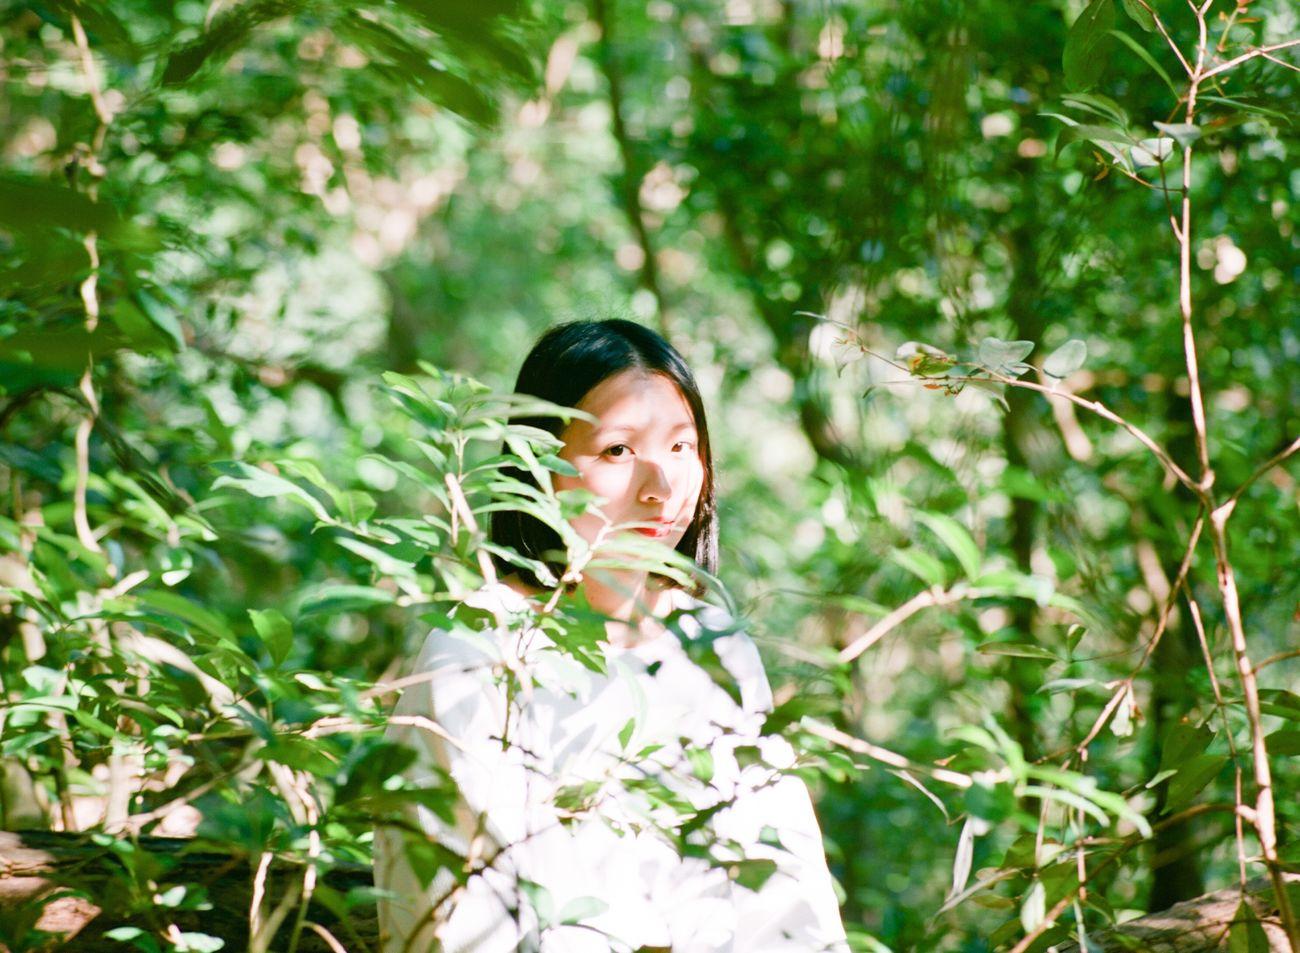 Film Mamiya 645AFD Portraits Fujifilm Pro400 Portrait Of A Friend